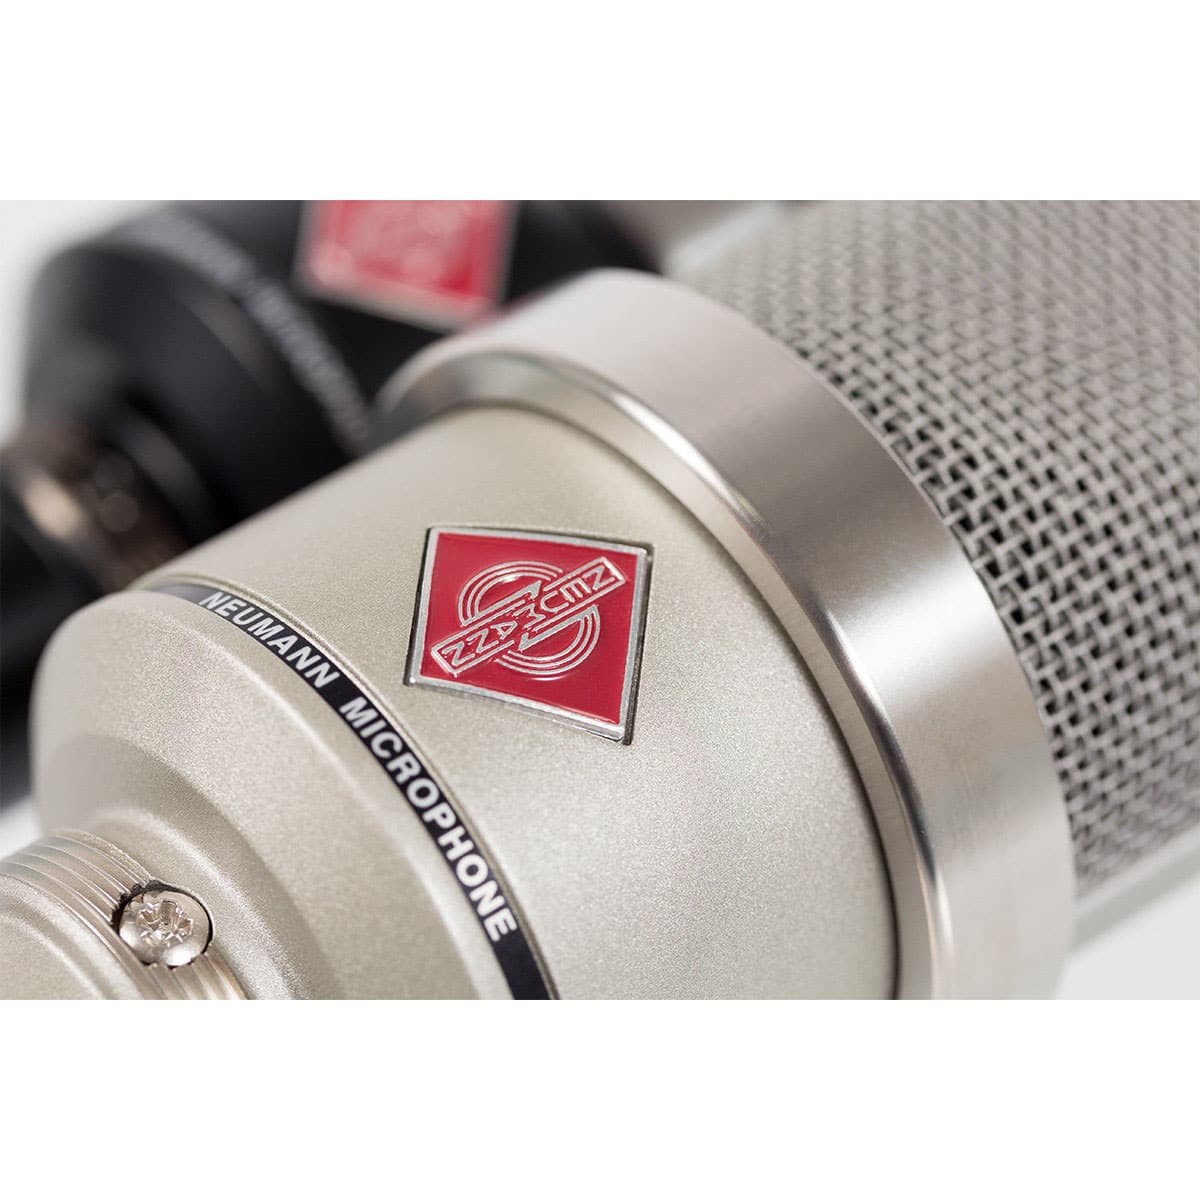 Neumann TLM 102 box 05 Microfoni a Condensatore, Microfoni professionali, Strumentazioni Pro Audio per studi di registrazione